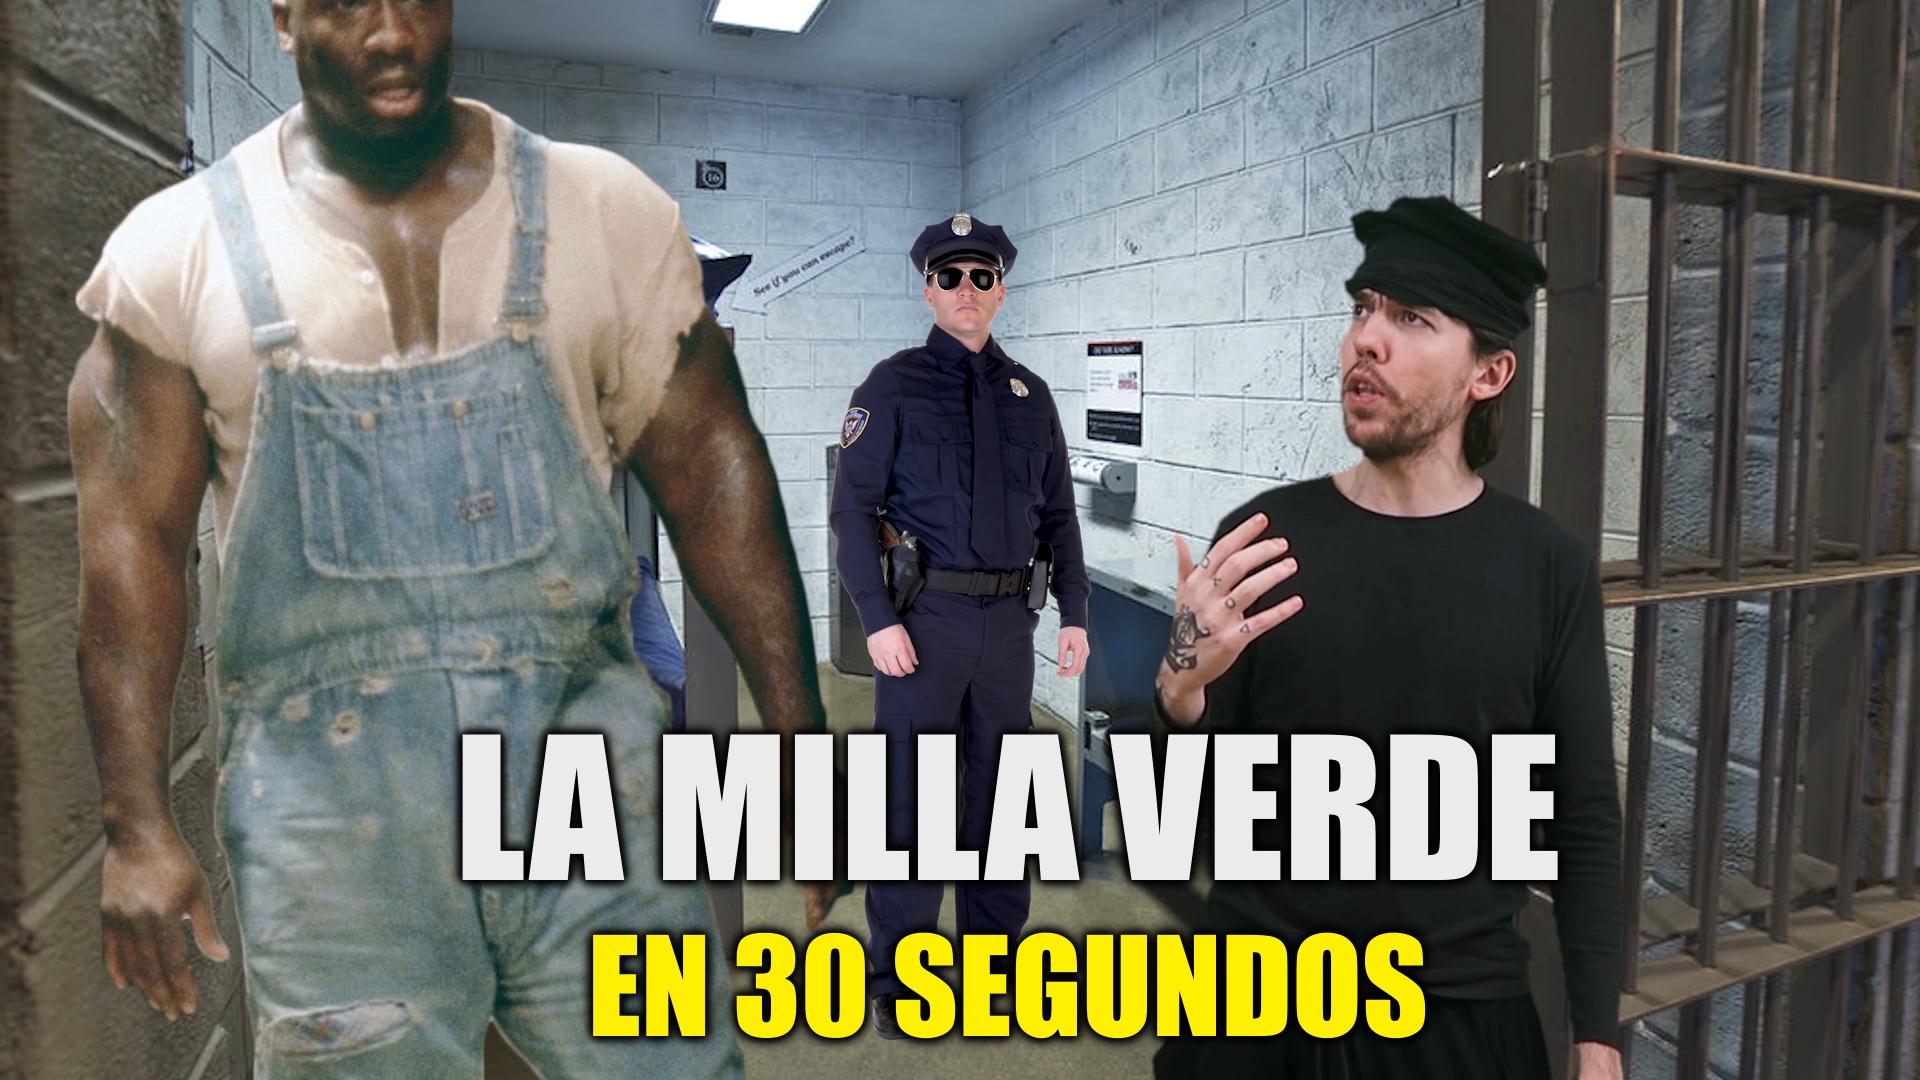 Temporada 1 La Milla Verde en 30 segundos